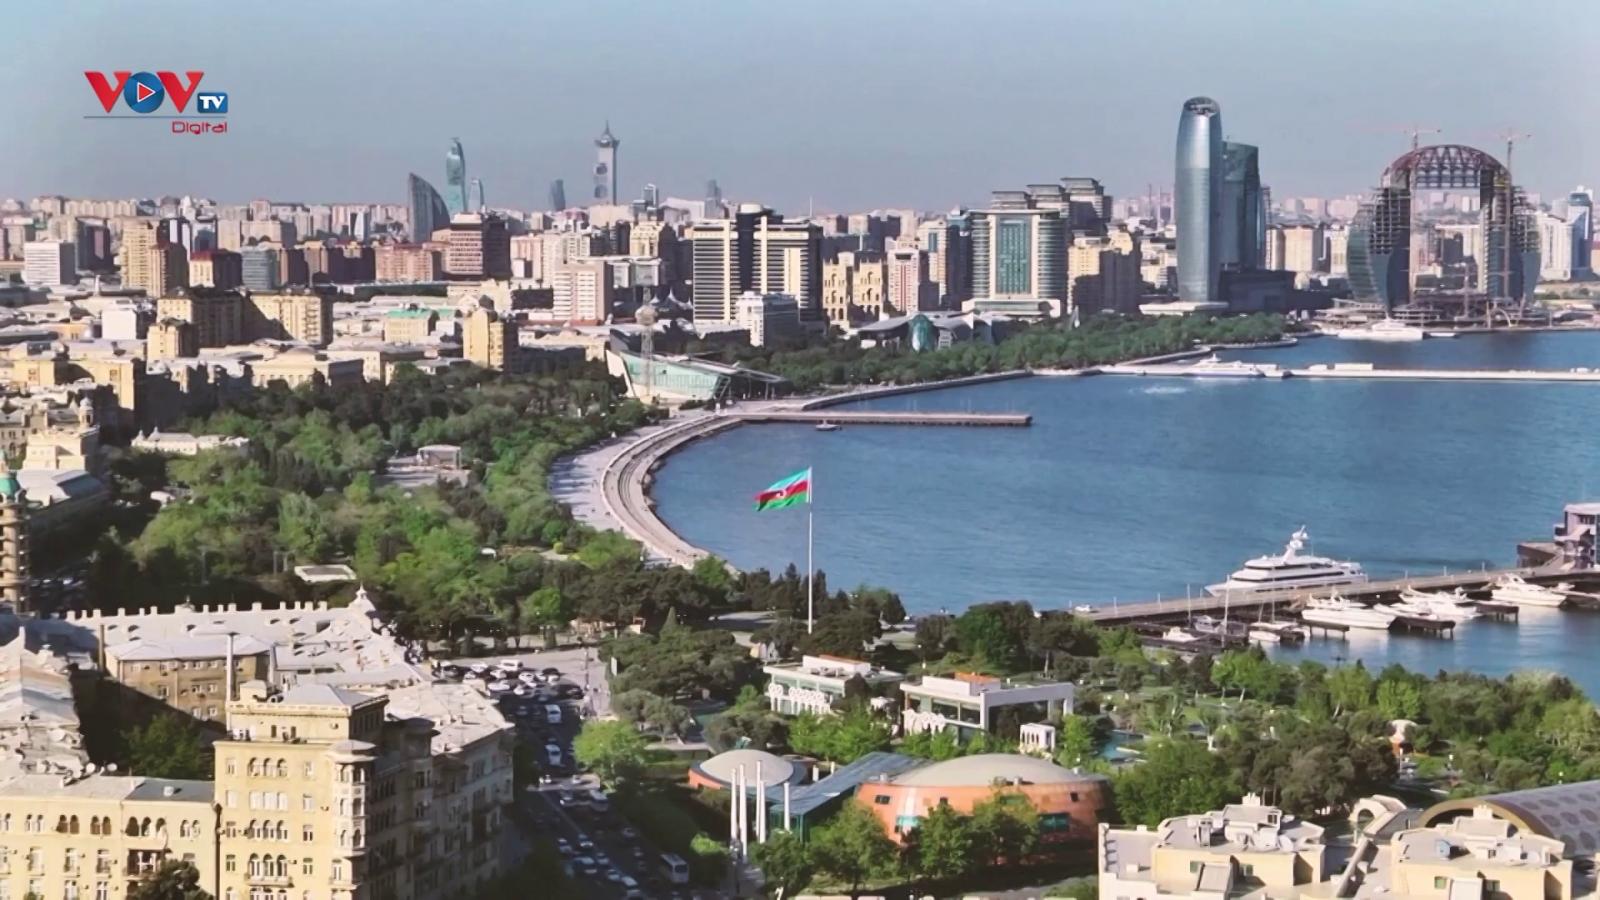 Khám phá các thành phố chủ nhà Euro 2020: Baku, Azerbaijan